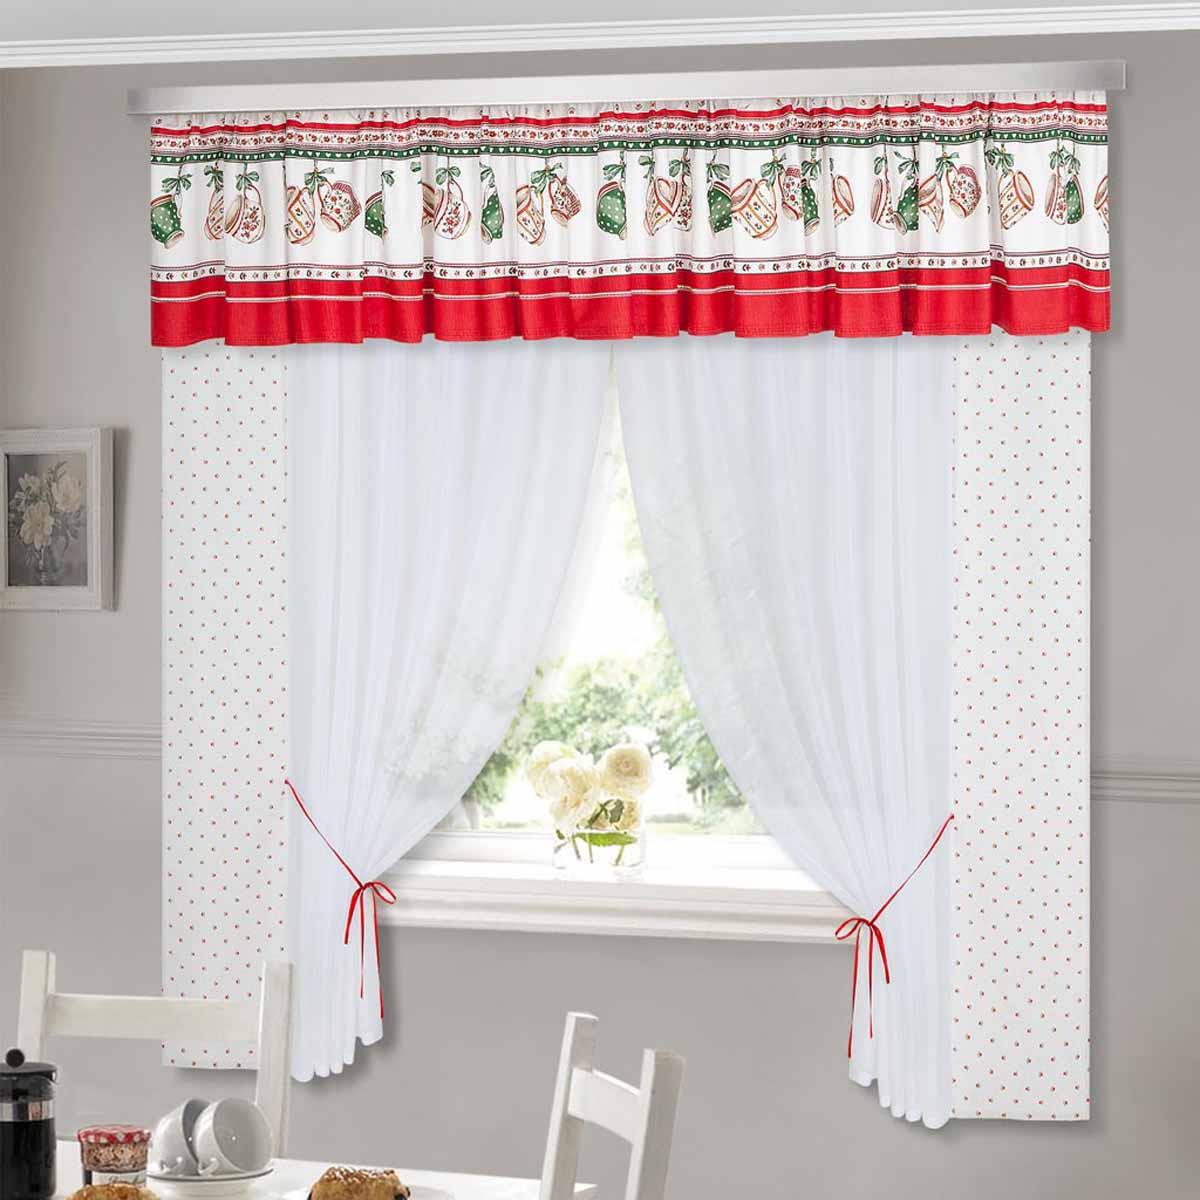 Комплект штор ТД Текстиль Чашки, на ленте, цвет: белый, красный, зеленый, высота 180 см89504Шторы с набивным рисунком.